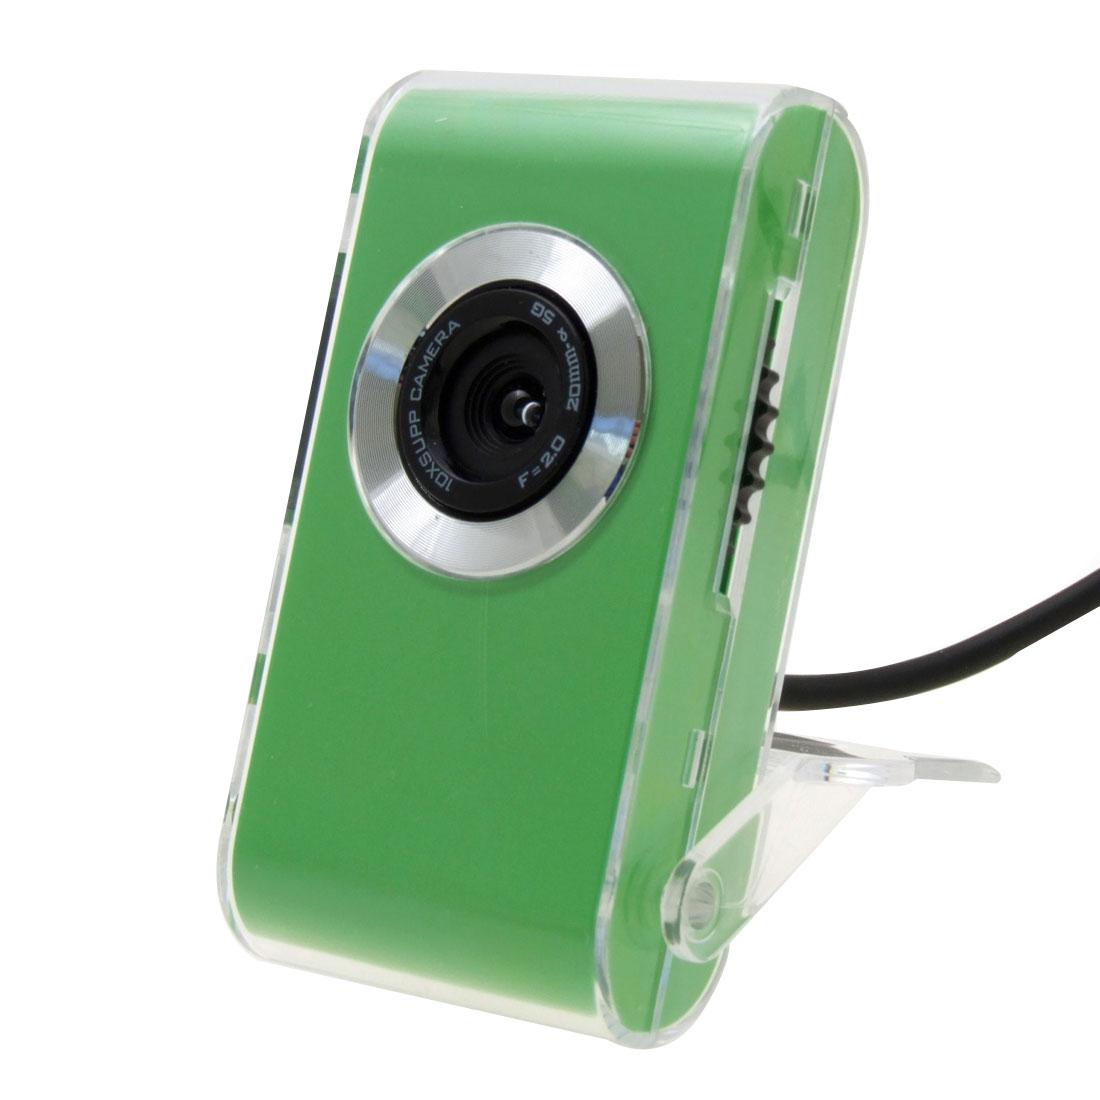 Drive-free 0.3 Mega Pixel Digital PC Camera USB Webcam for QQ